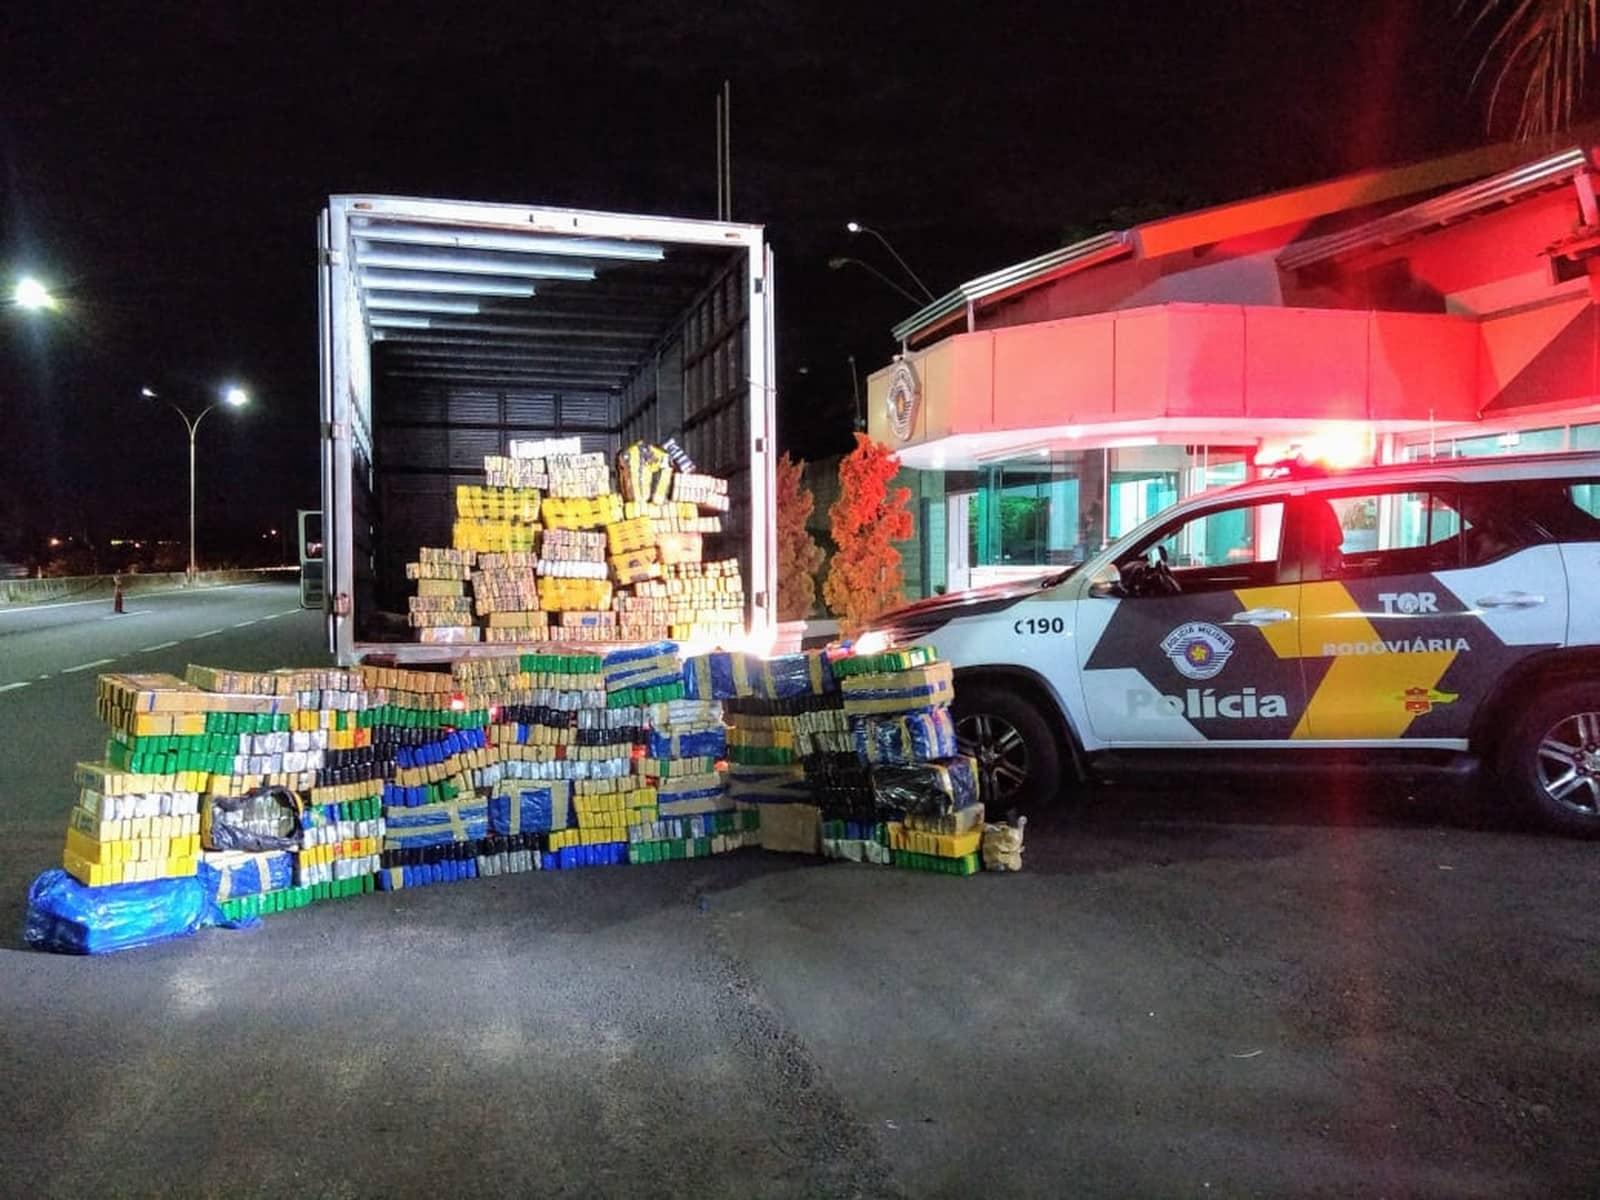 Polícia Rodoviária apreende mais de uma tonelada de maconha dentro de caminhão em Garça — Foto: Polícia Rodoviária/Divulgação